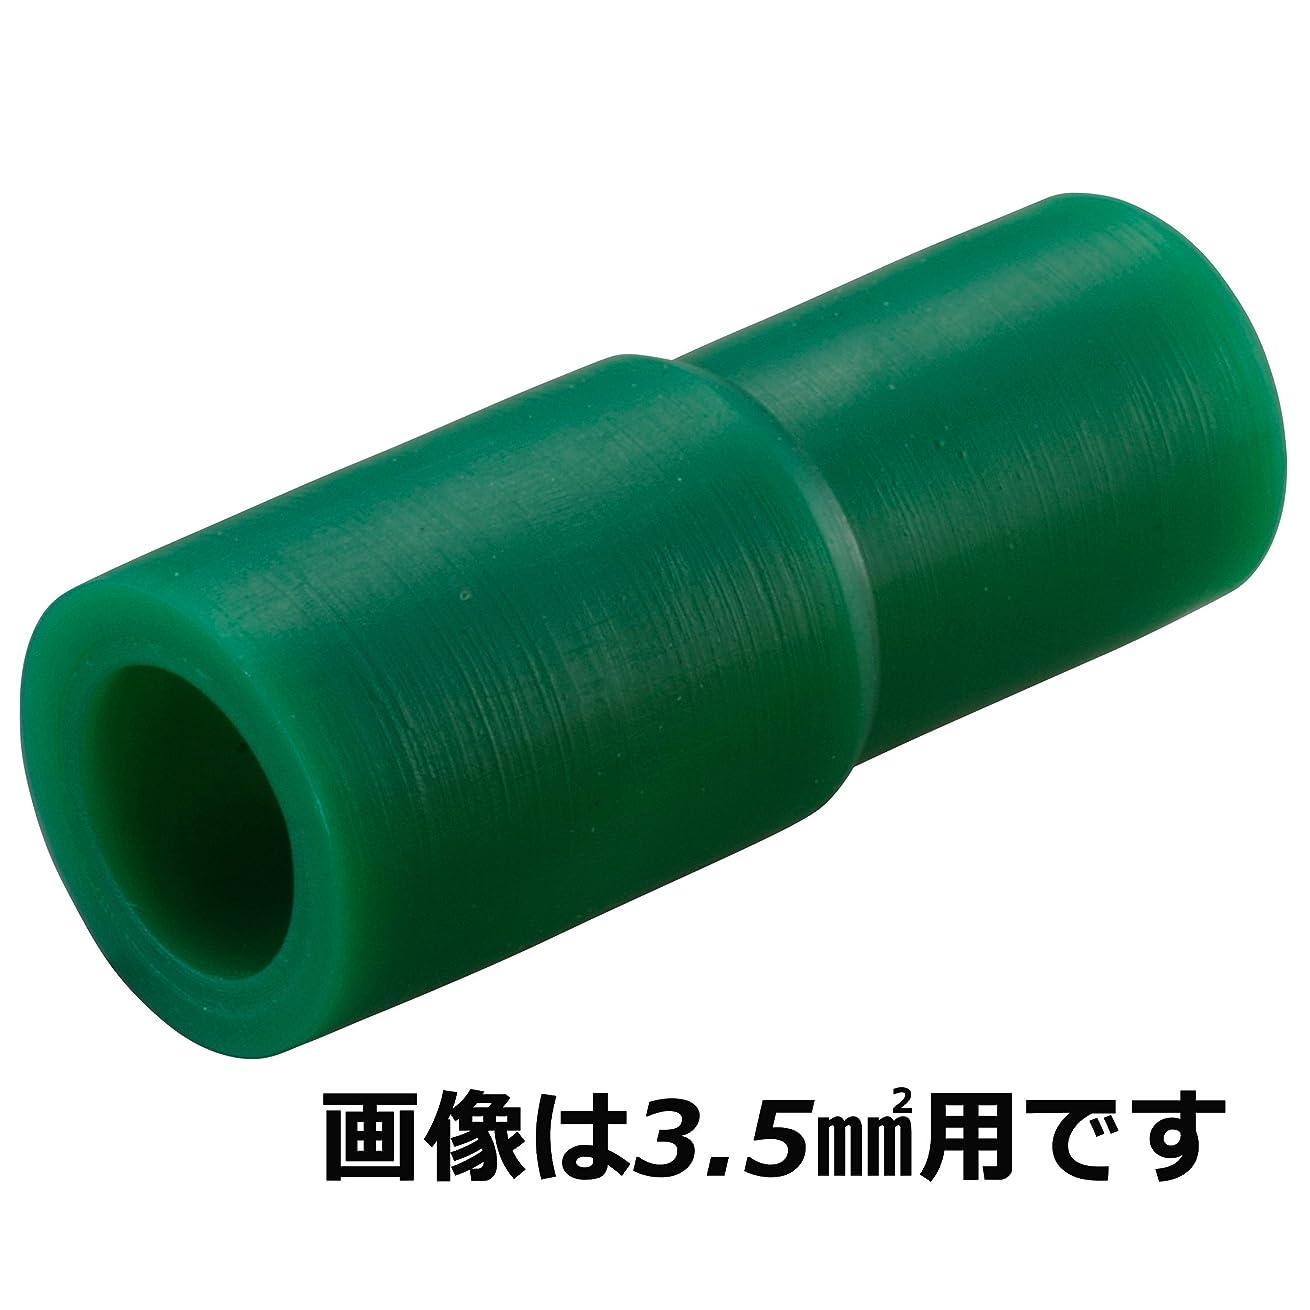 勘違いするリング送るOHM 絶縁エコキャップ 3.5 緑 100個 (09-2076)